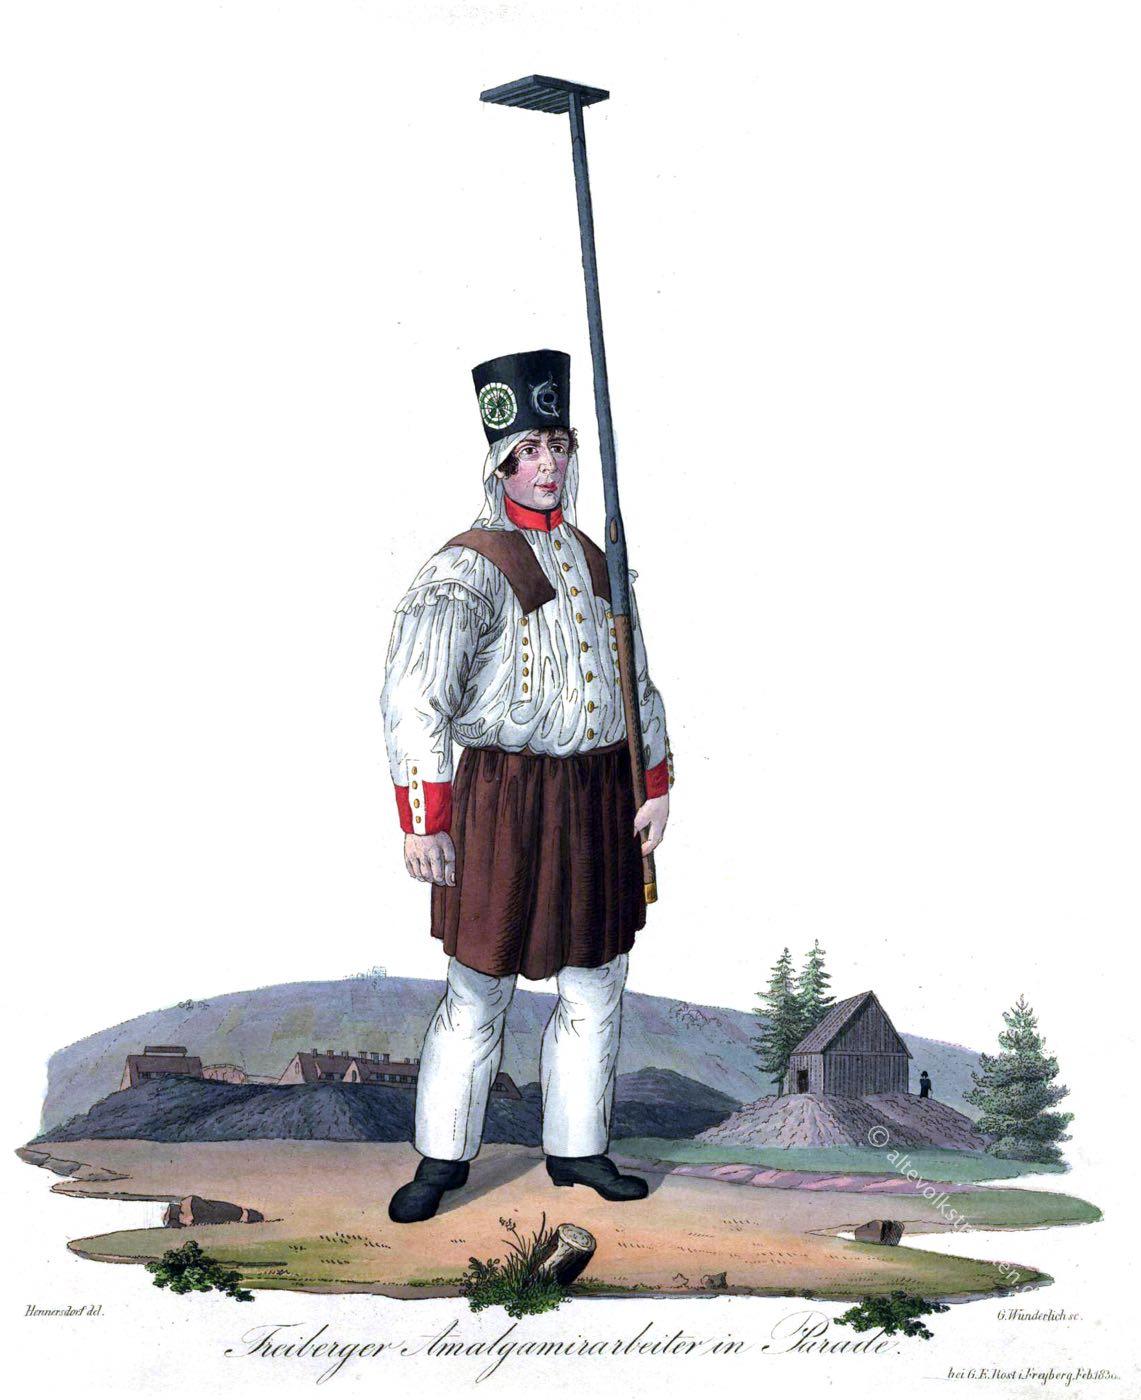 Amalgamierarbeiter, Erzgebirge, Paradetracht, Freiberg, Sachsen, Trachten, Bergarbeiter, Bergmann, Hüttenmann,